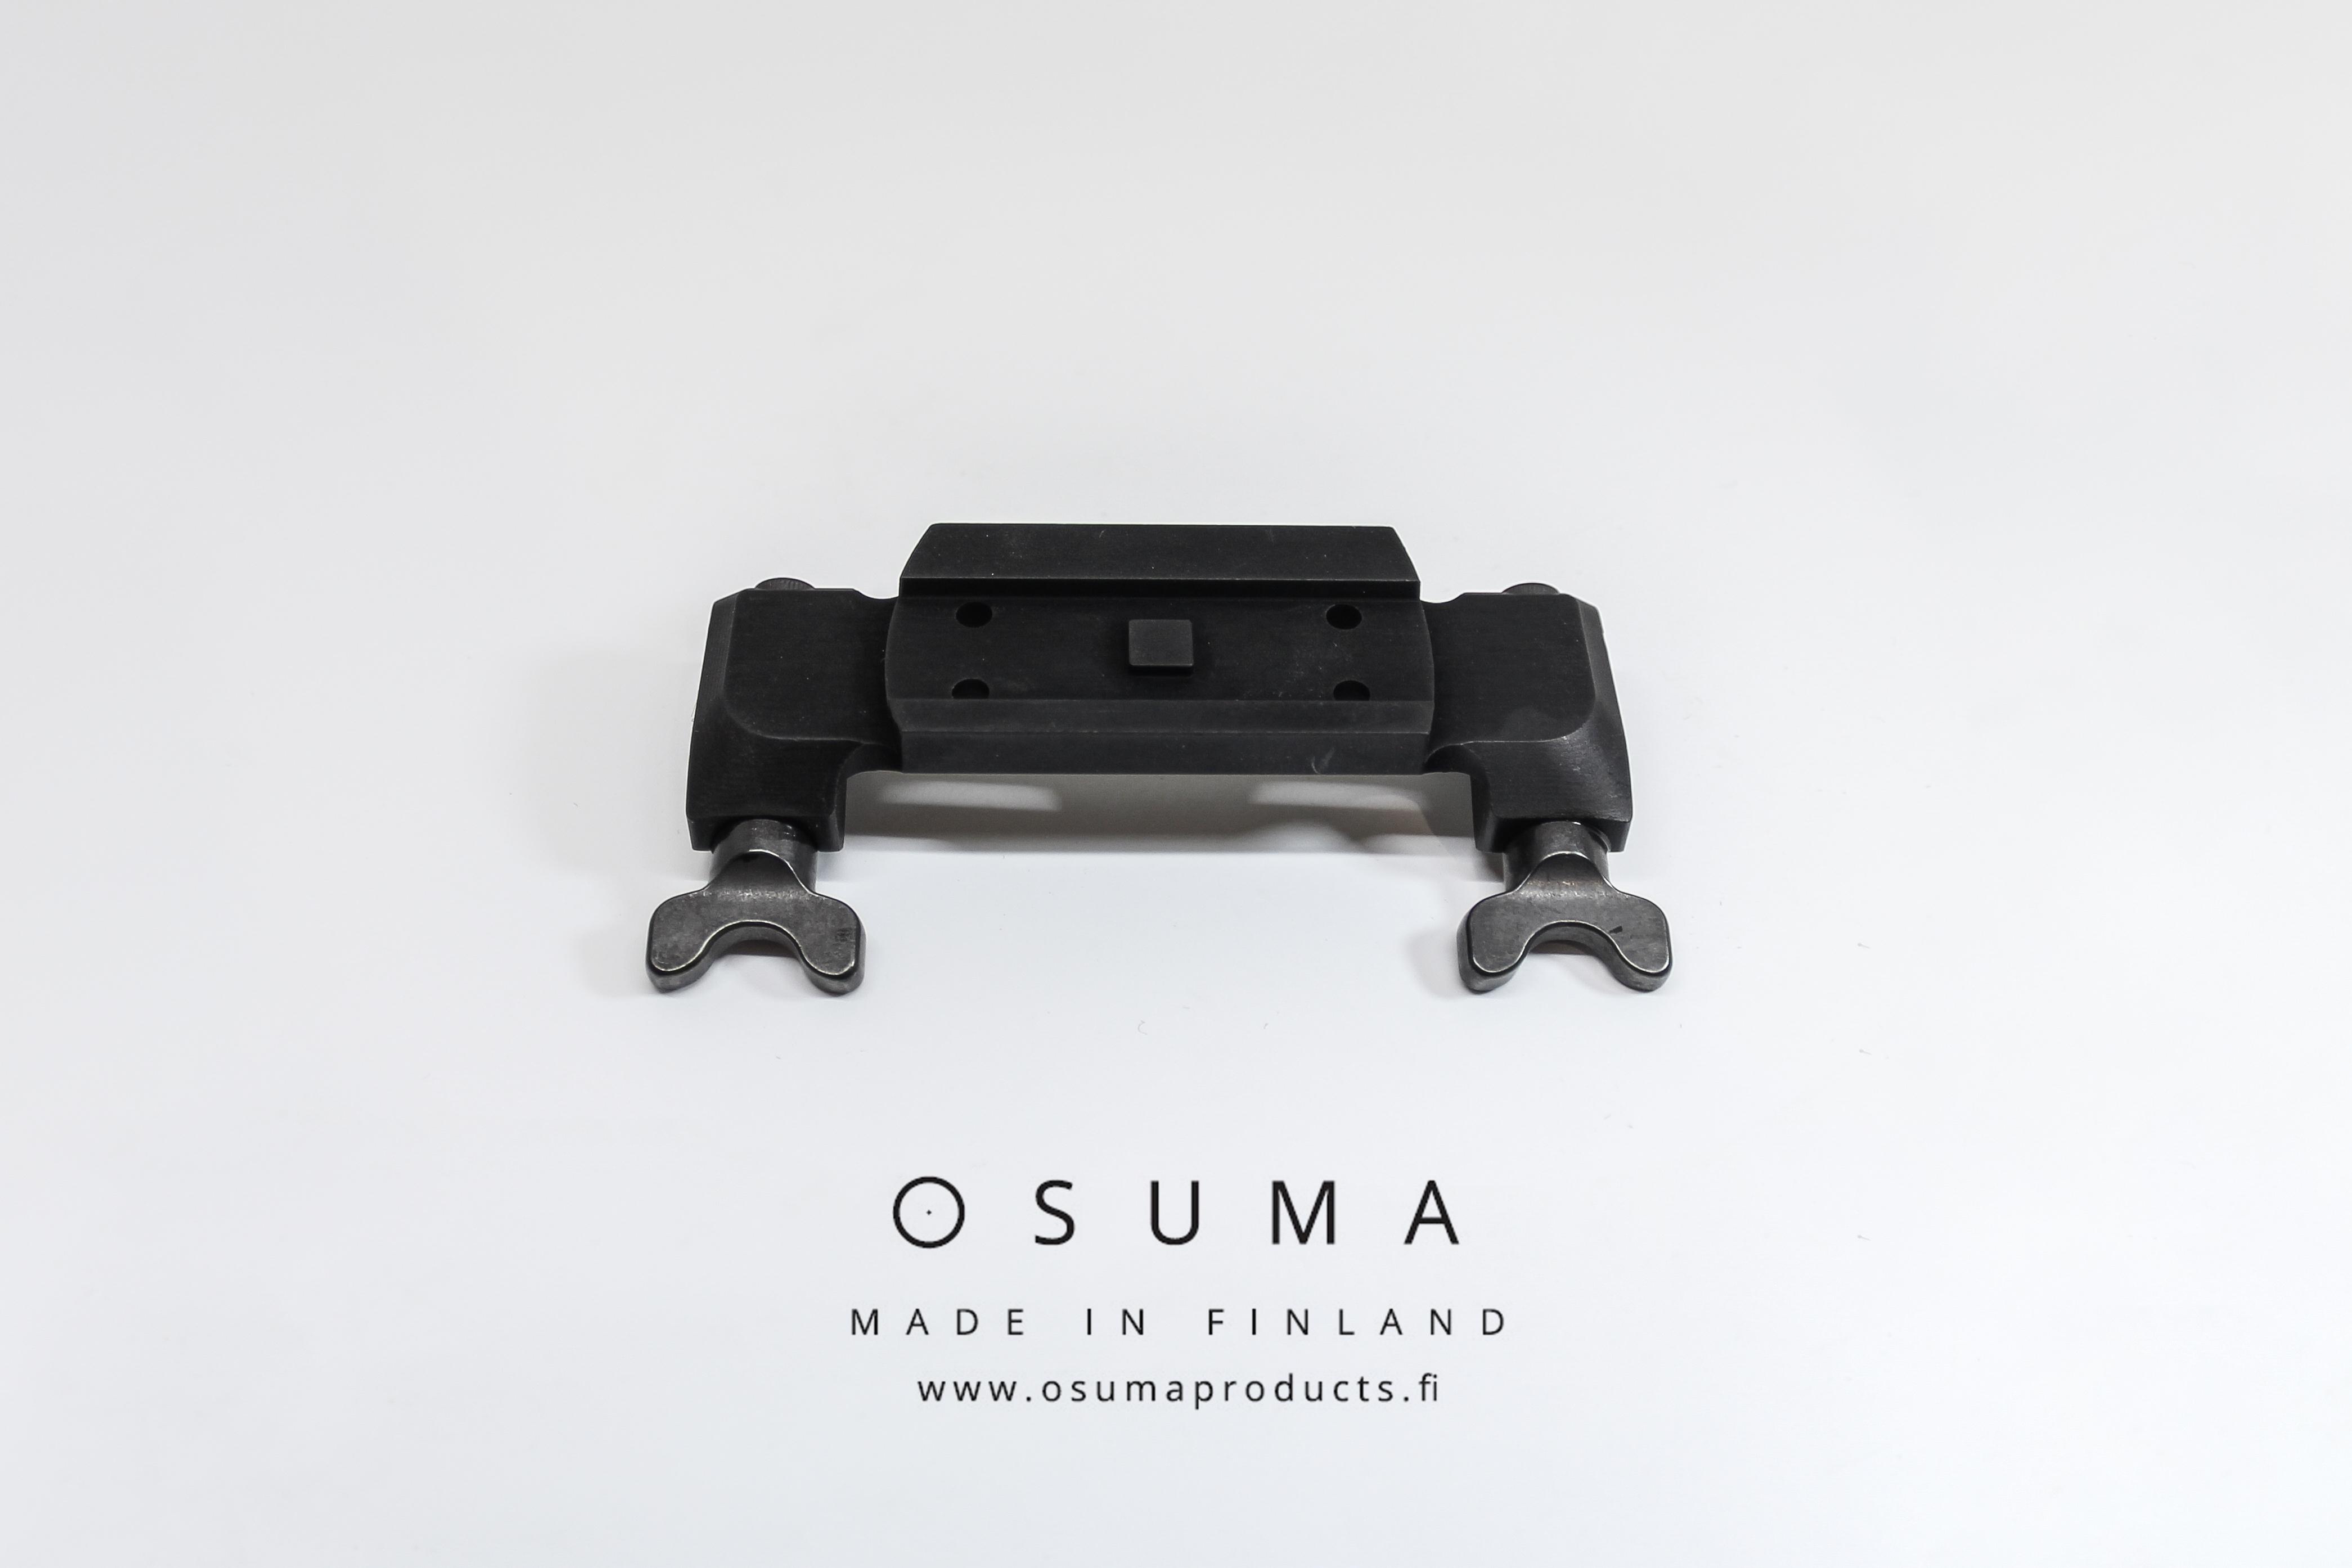 Osuma jalusta Aimpoint Micro / Blaser 2-kiinnitystä OUTLET